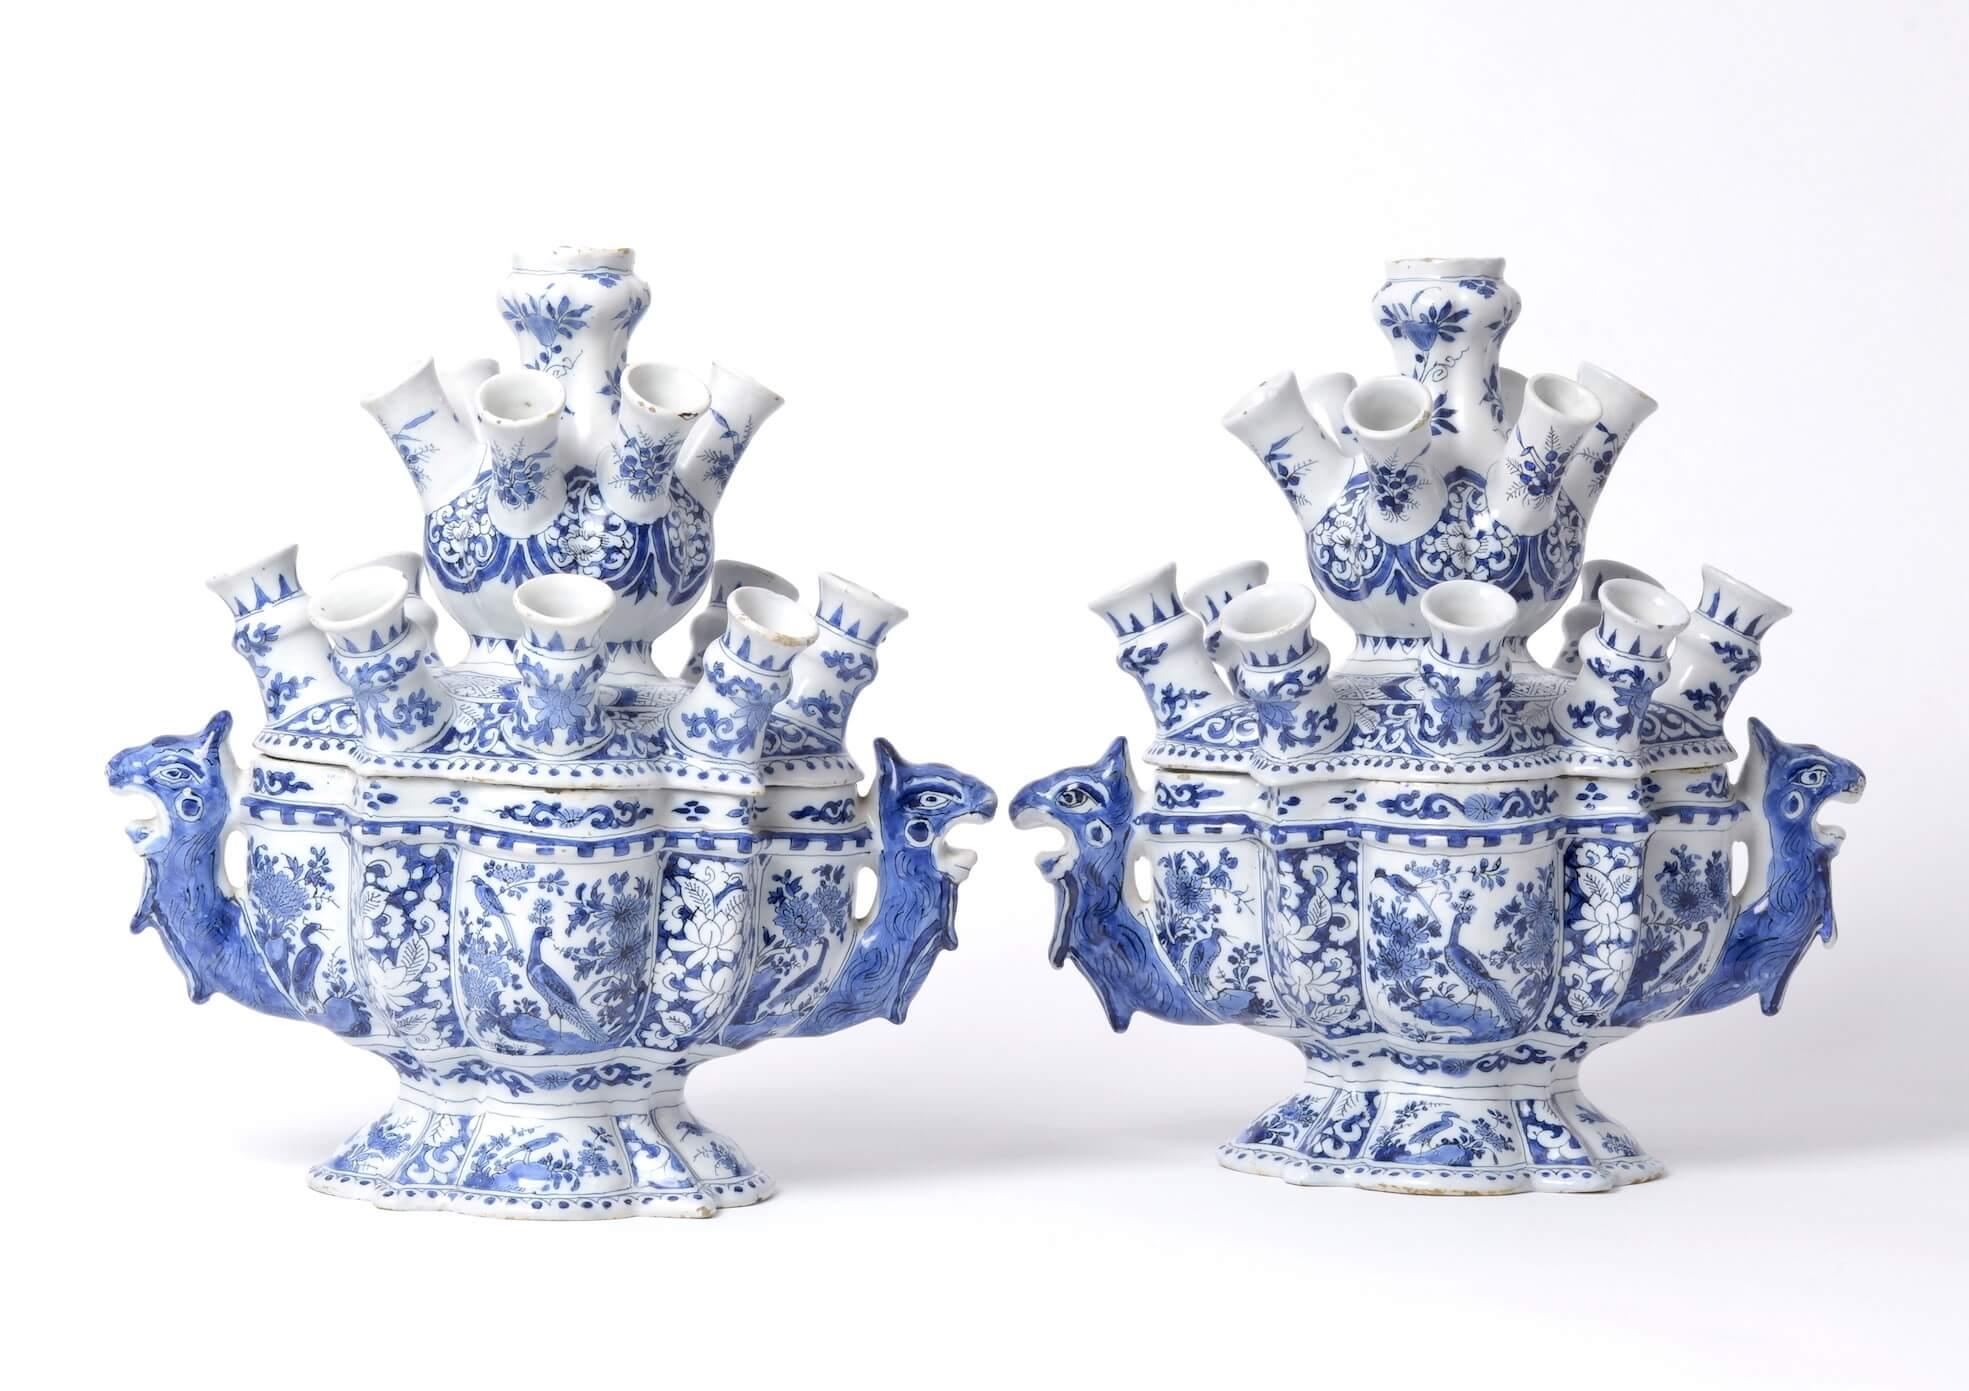 Antique Delftware flower vases at Aronson Antiquairs